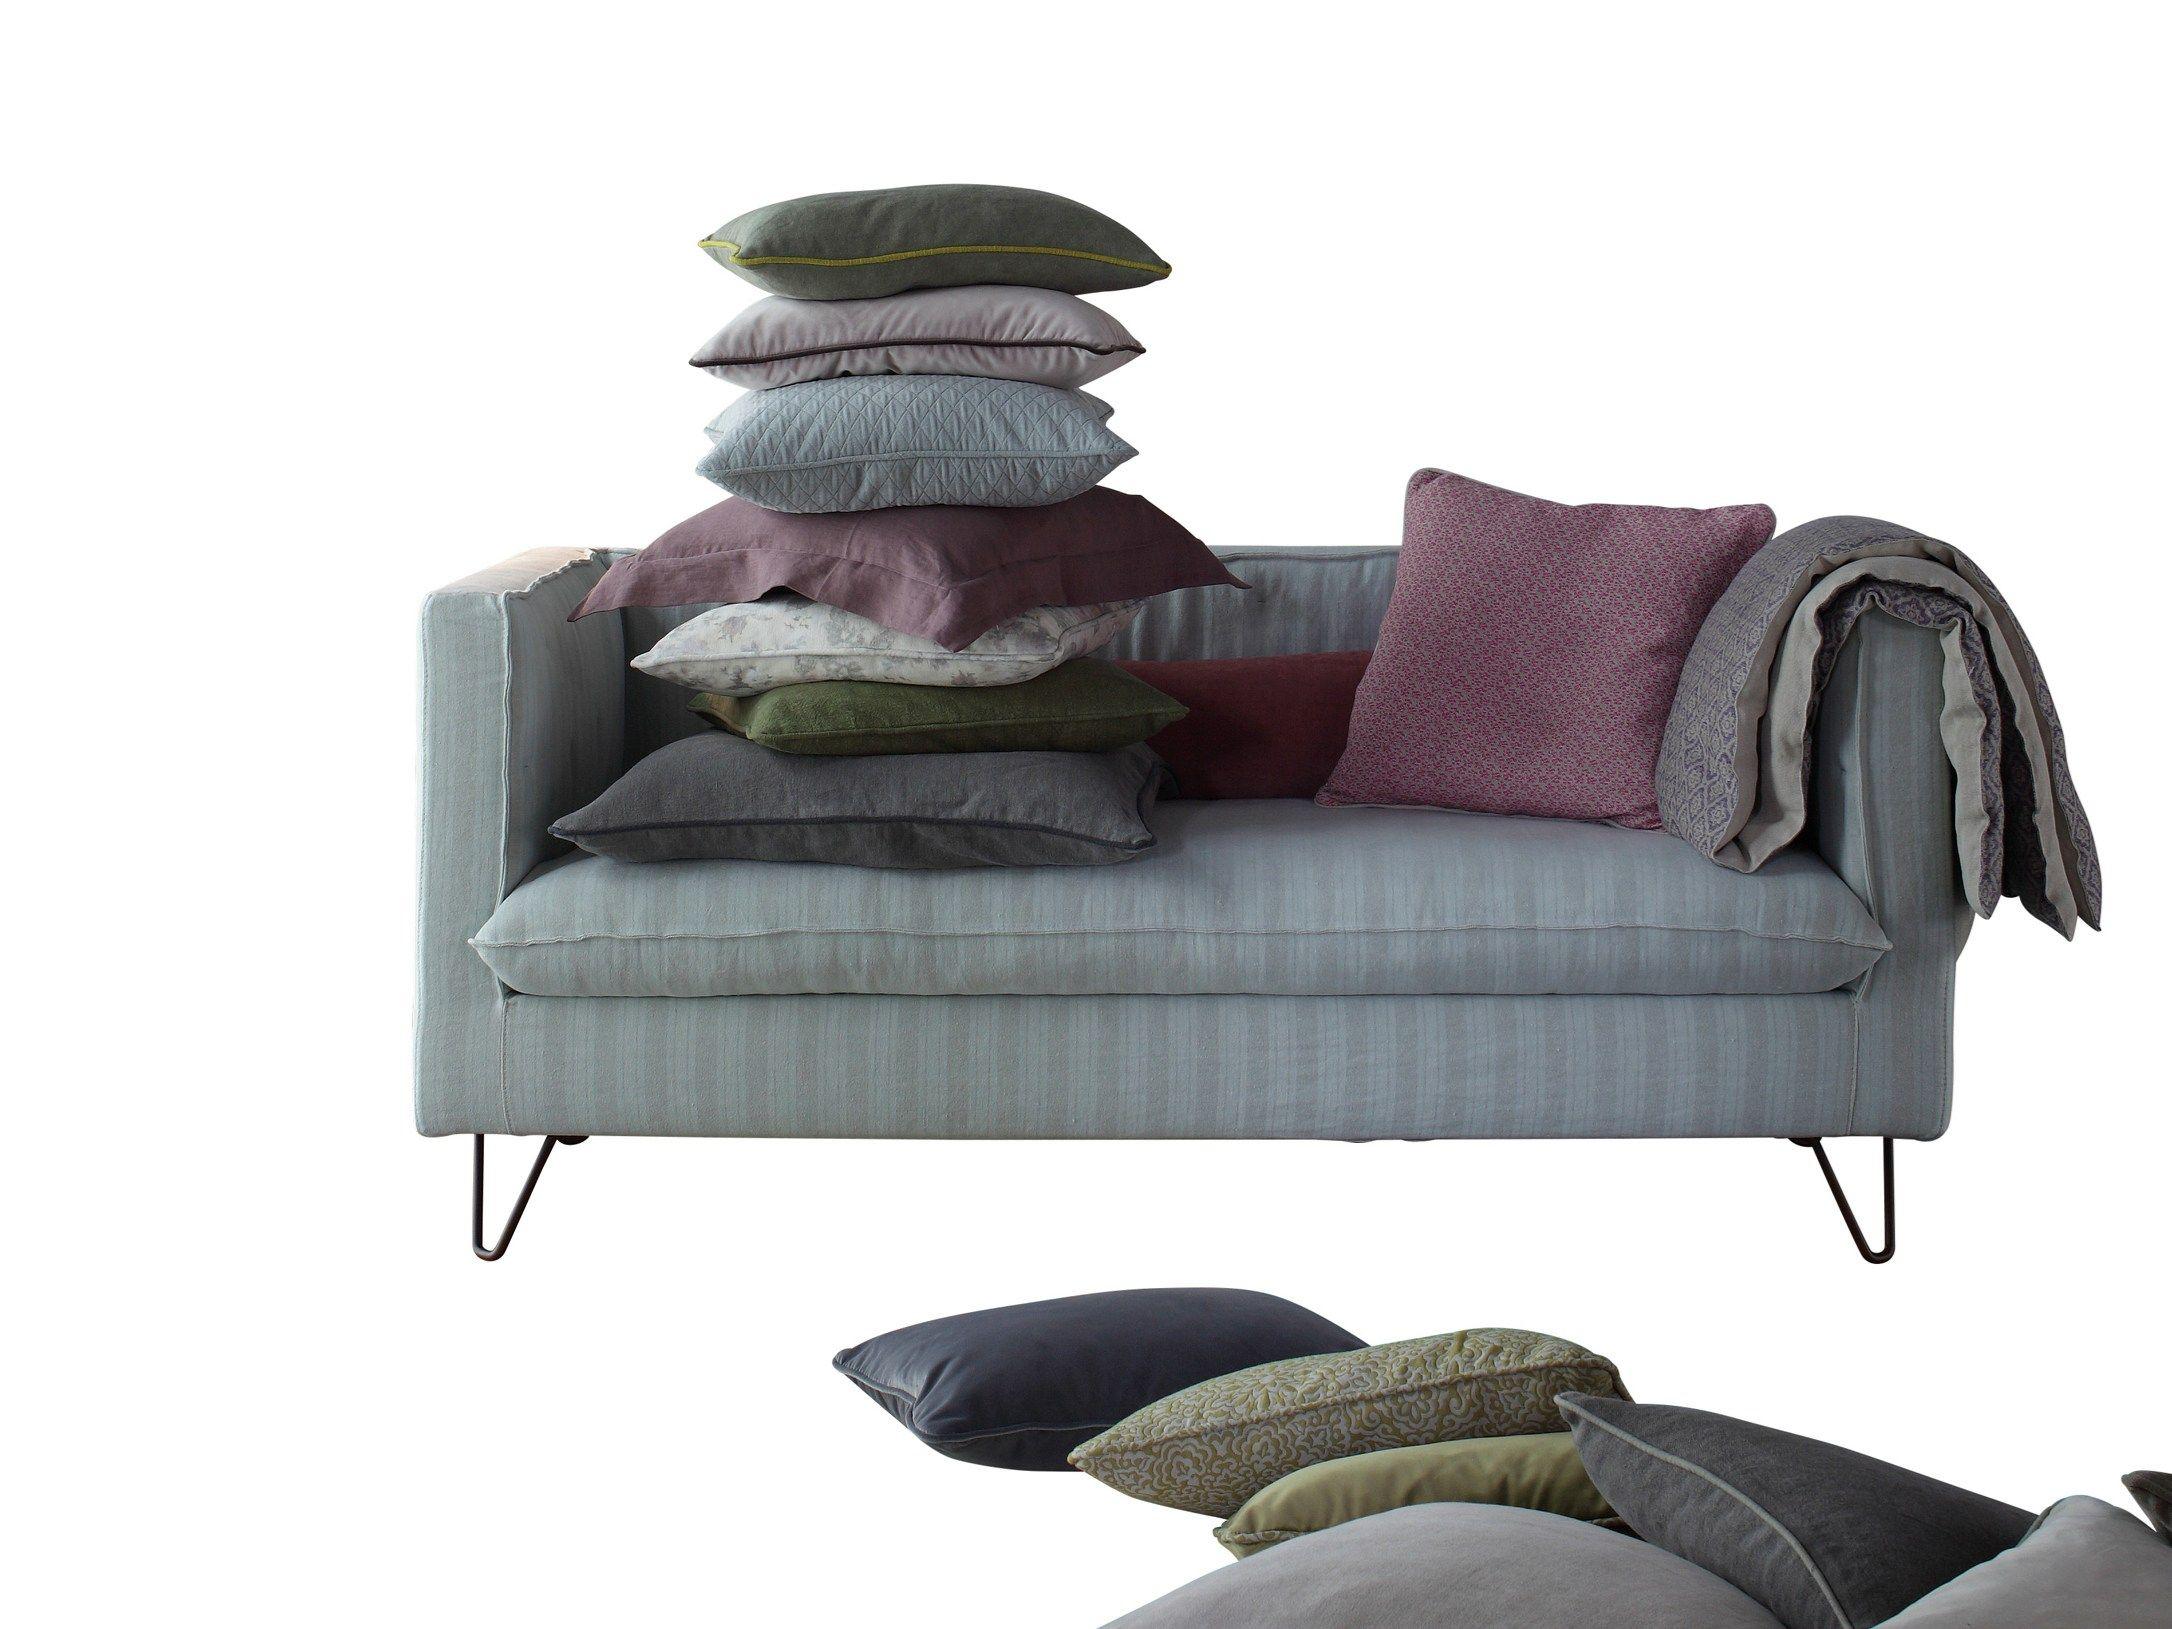 Fabric small sofa louis xiv by twils design silvia prevedello - Louis xiv sofa ...